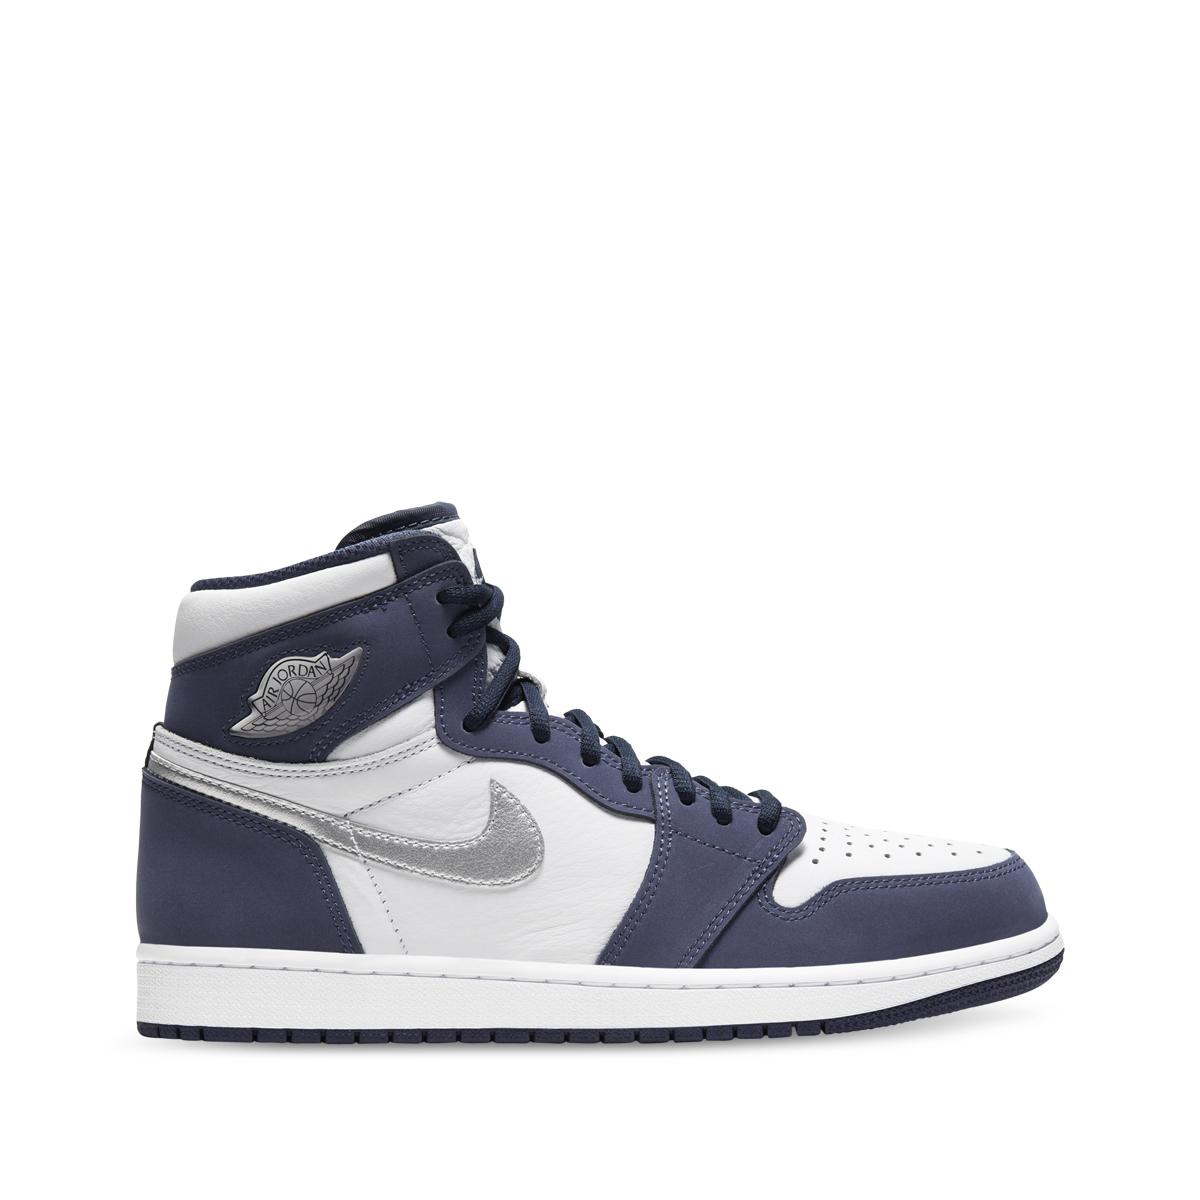 Nike Air Jordan 1 High OG CO JP